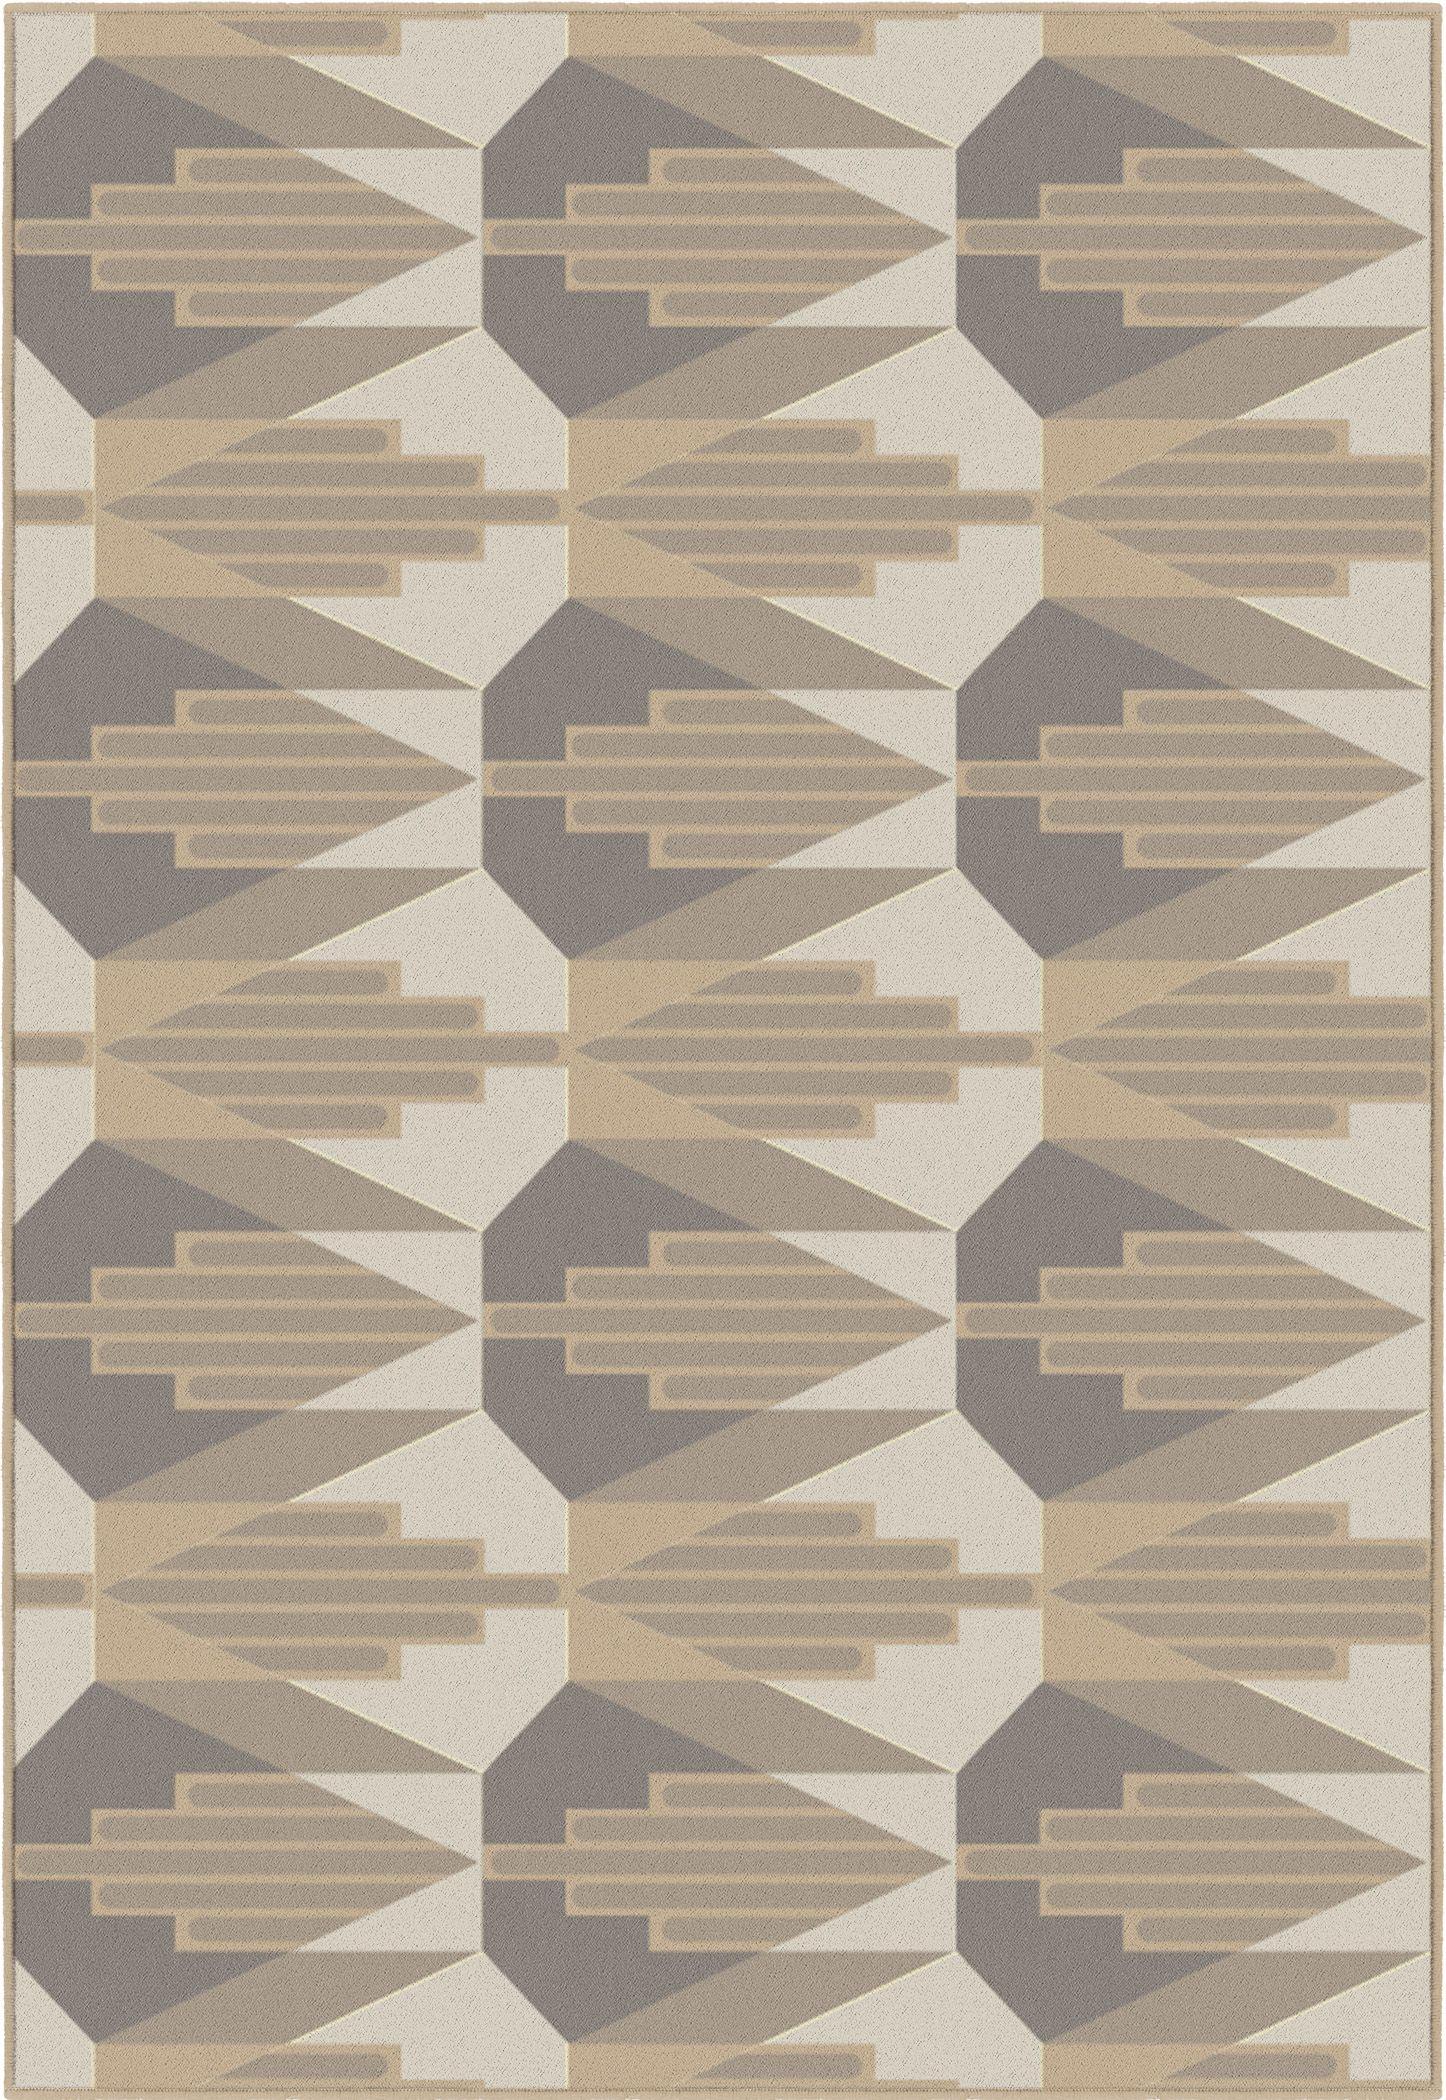 KORHANI home viscose rug #Gatsby #1920 #artdeco